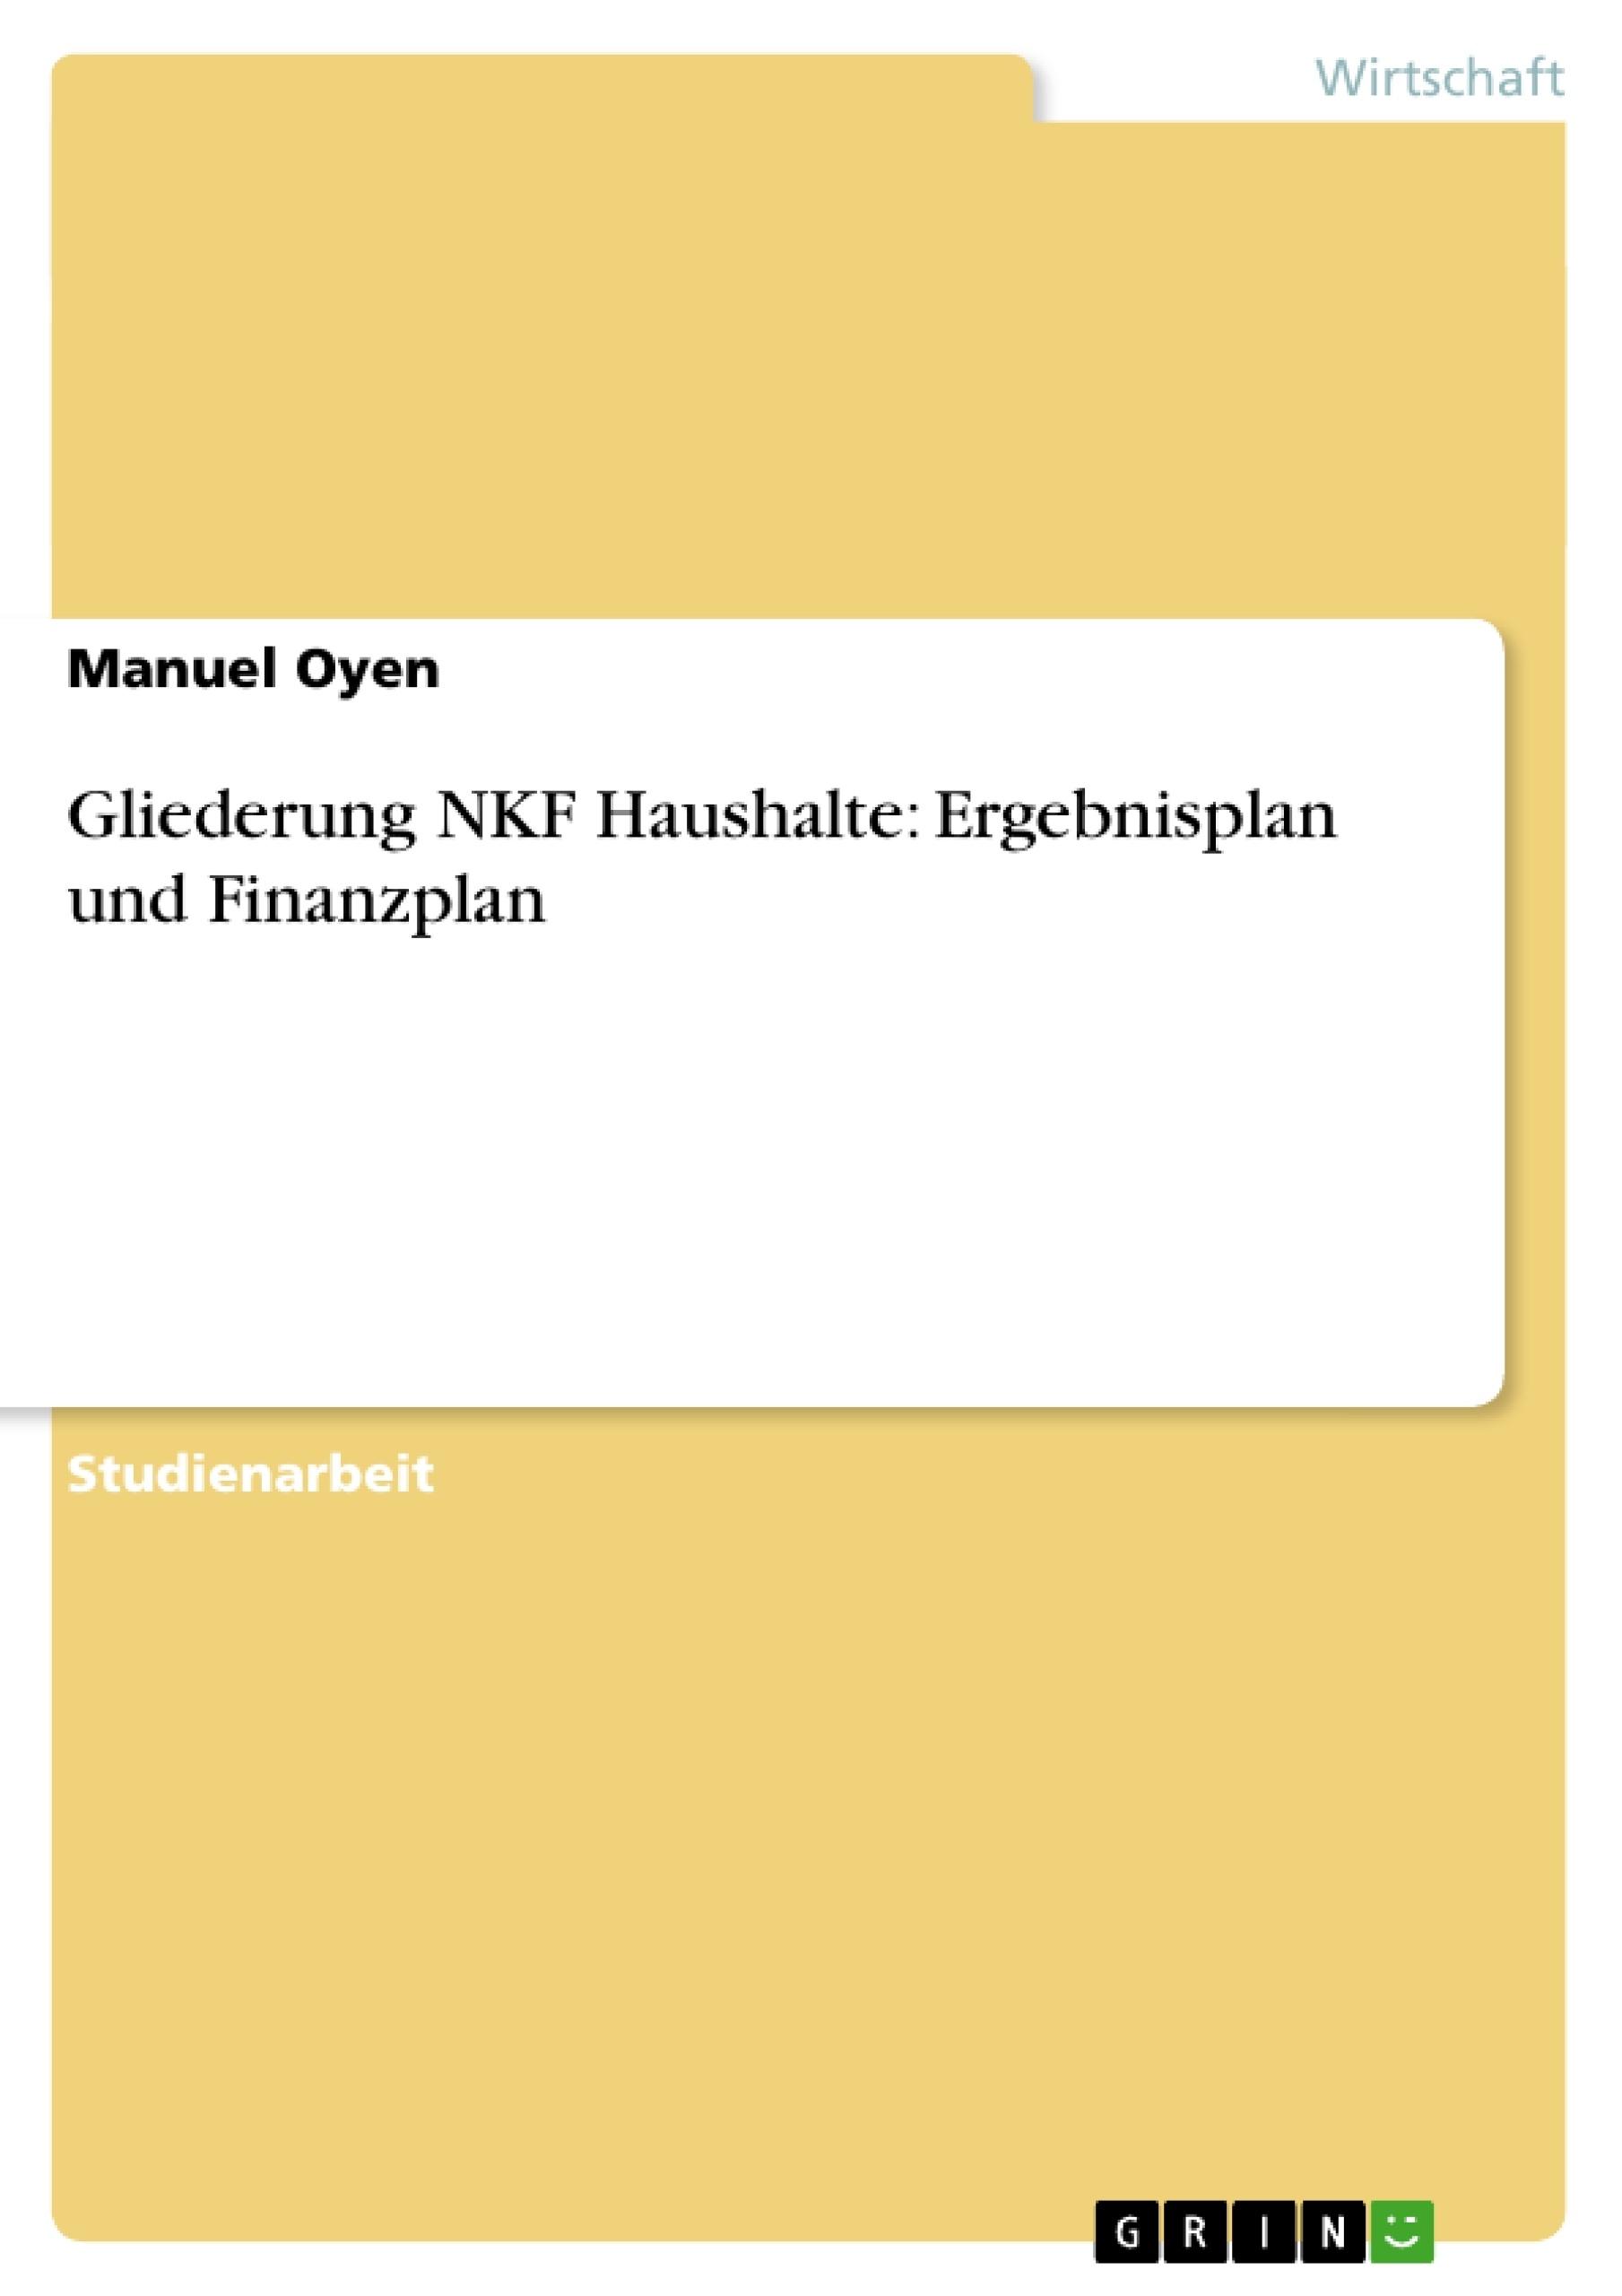 Titel: Gliederung NKF Haushalte: Ergebnisplan und Finanzplan